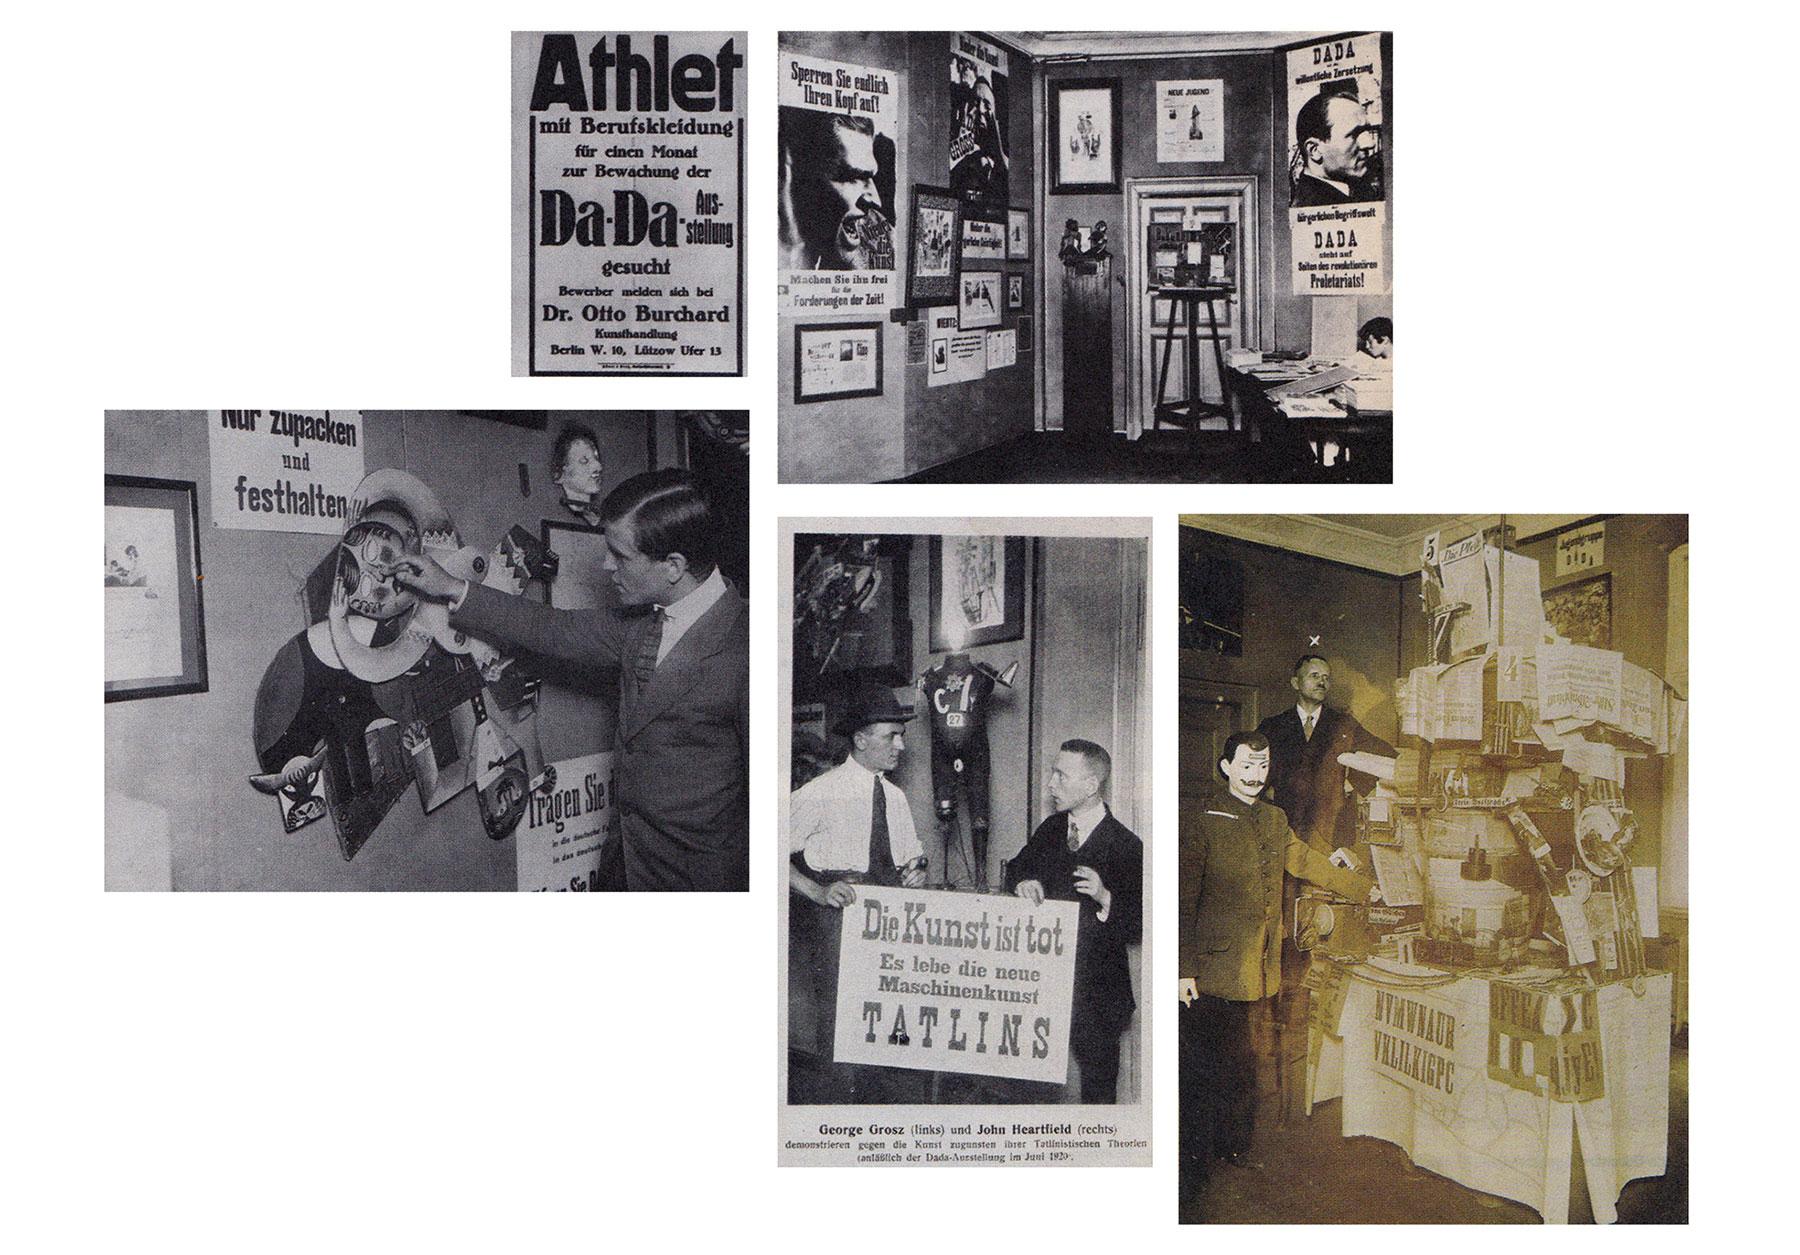 dada_internationalisme_grosz-hausmann-heartfield_erste-internationale-dada-messe_1920